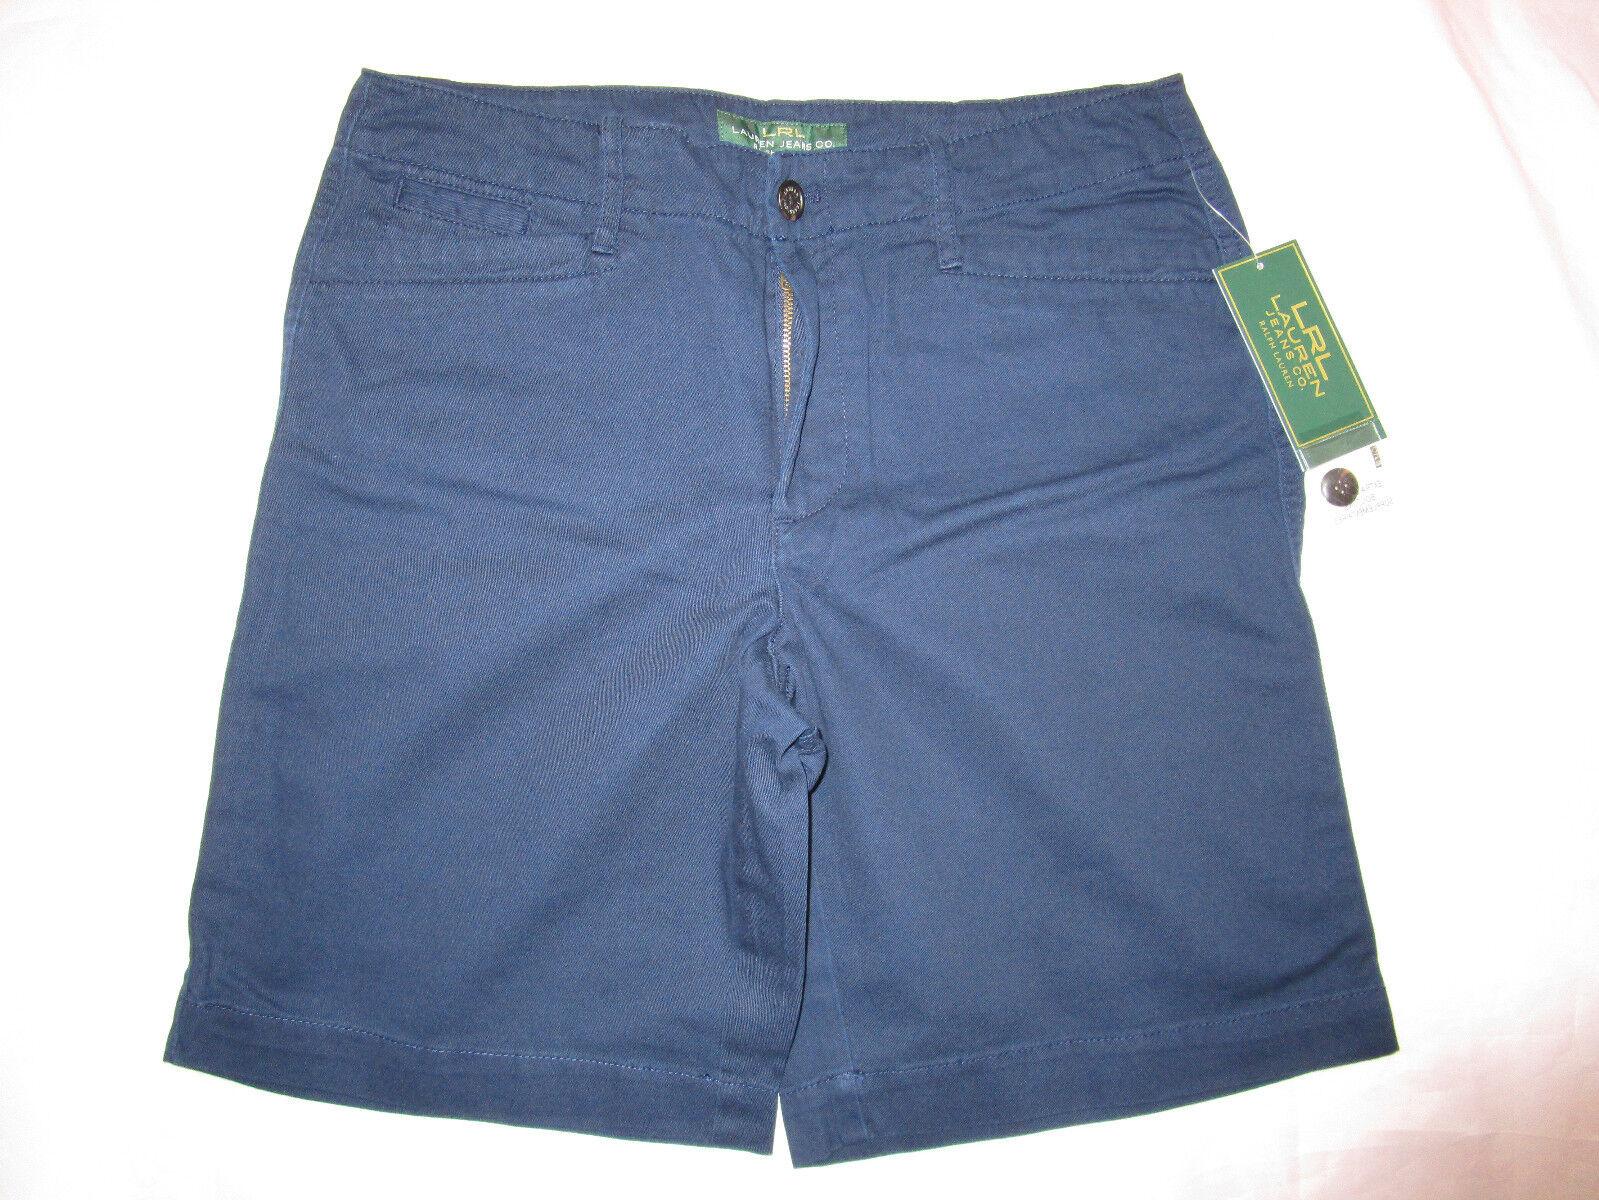 RALPH LAUREN womens navy bluee casual short SIZE 10 new nwt